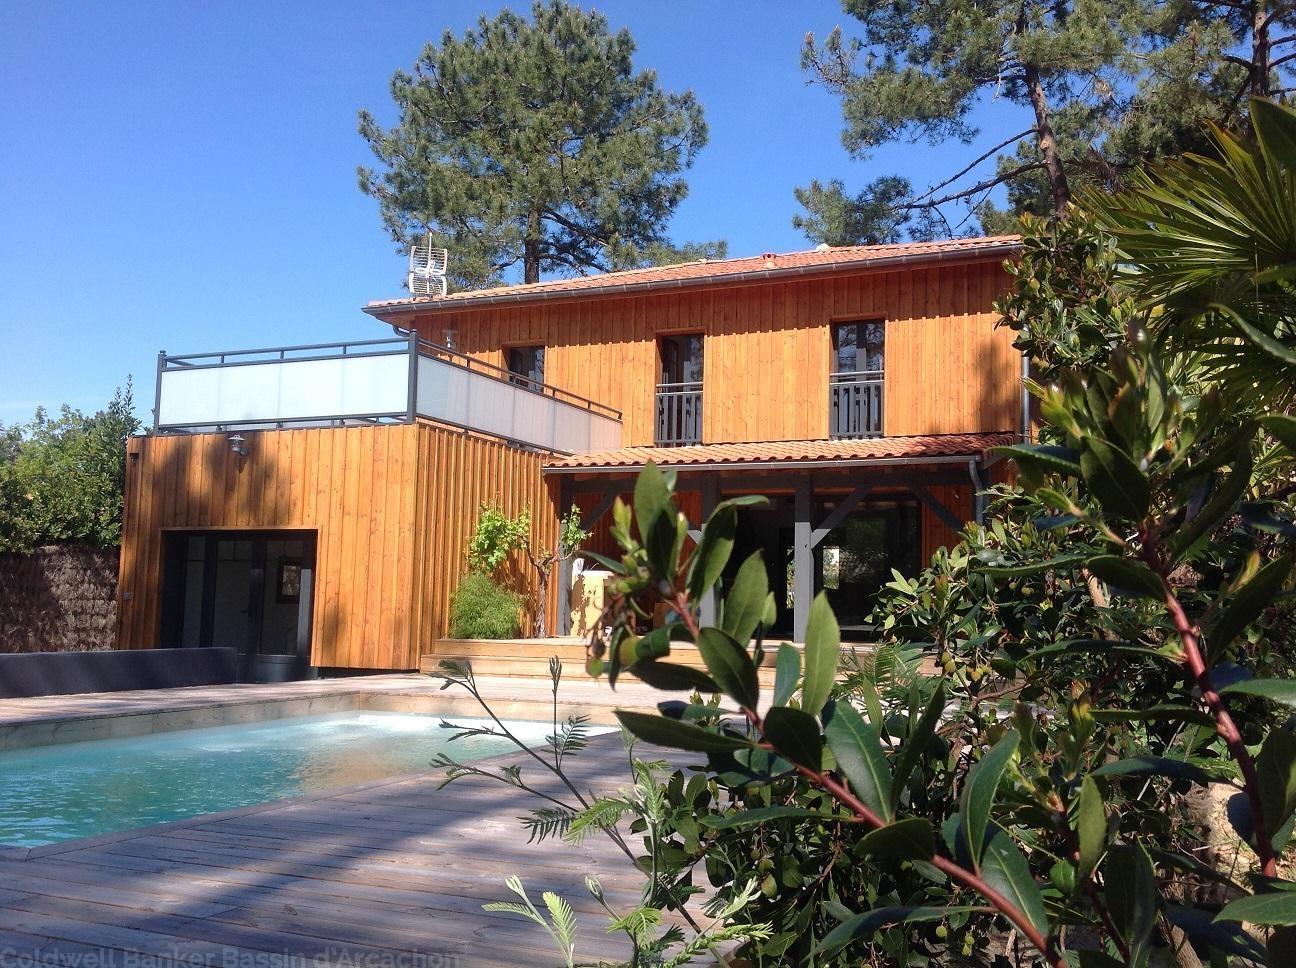 Villa à louer 4 chambres 8 couchages piscine proche Cap-Ferret